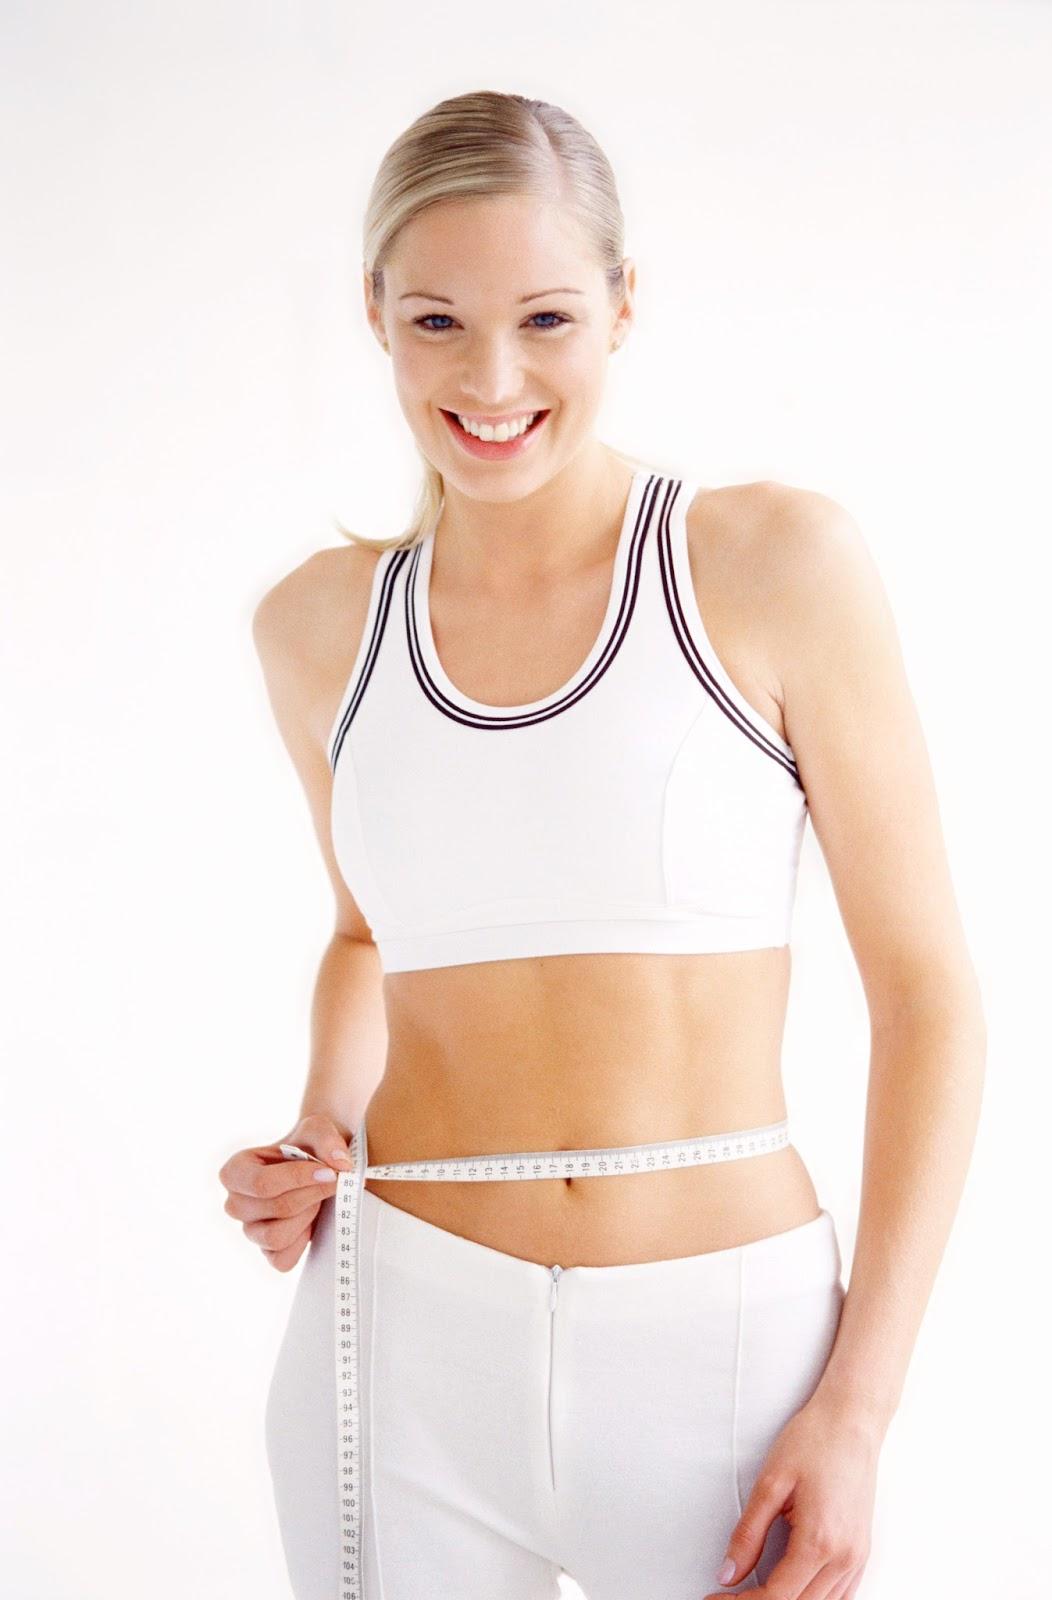 как похудеть именно в области живота